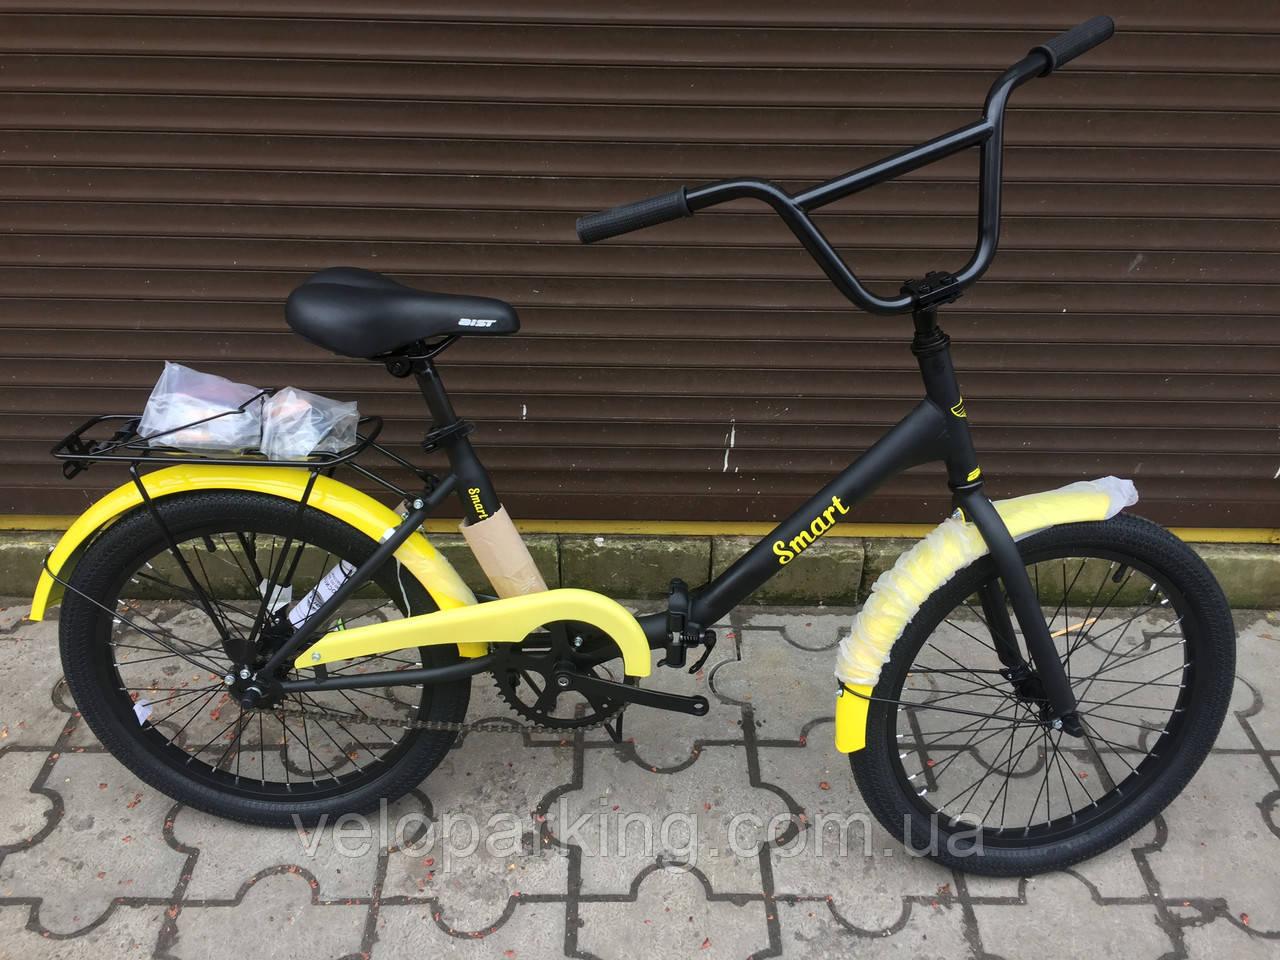 Городской складной велосипед Аист Smart 20 дюймов (Минск) заводской оригинал